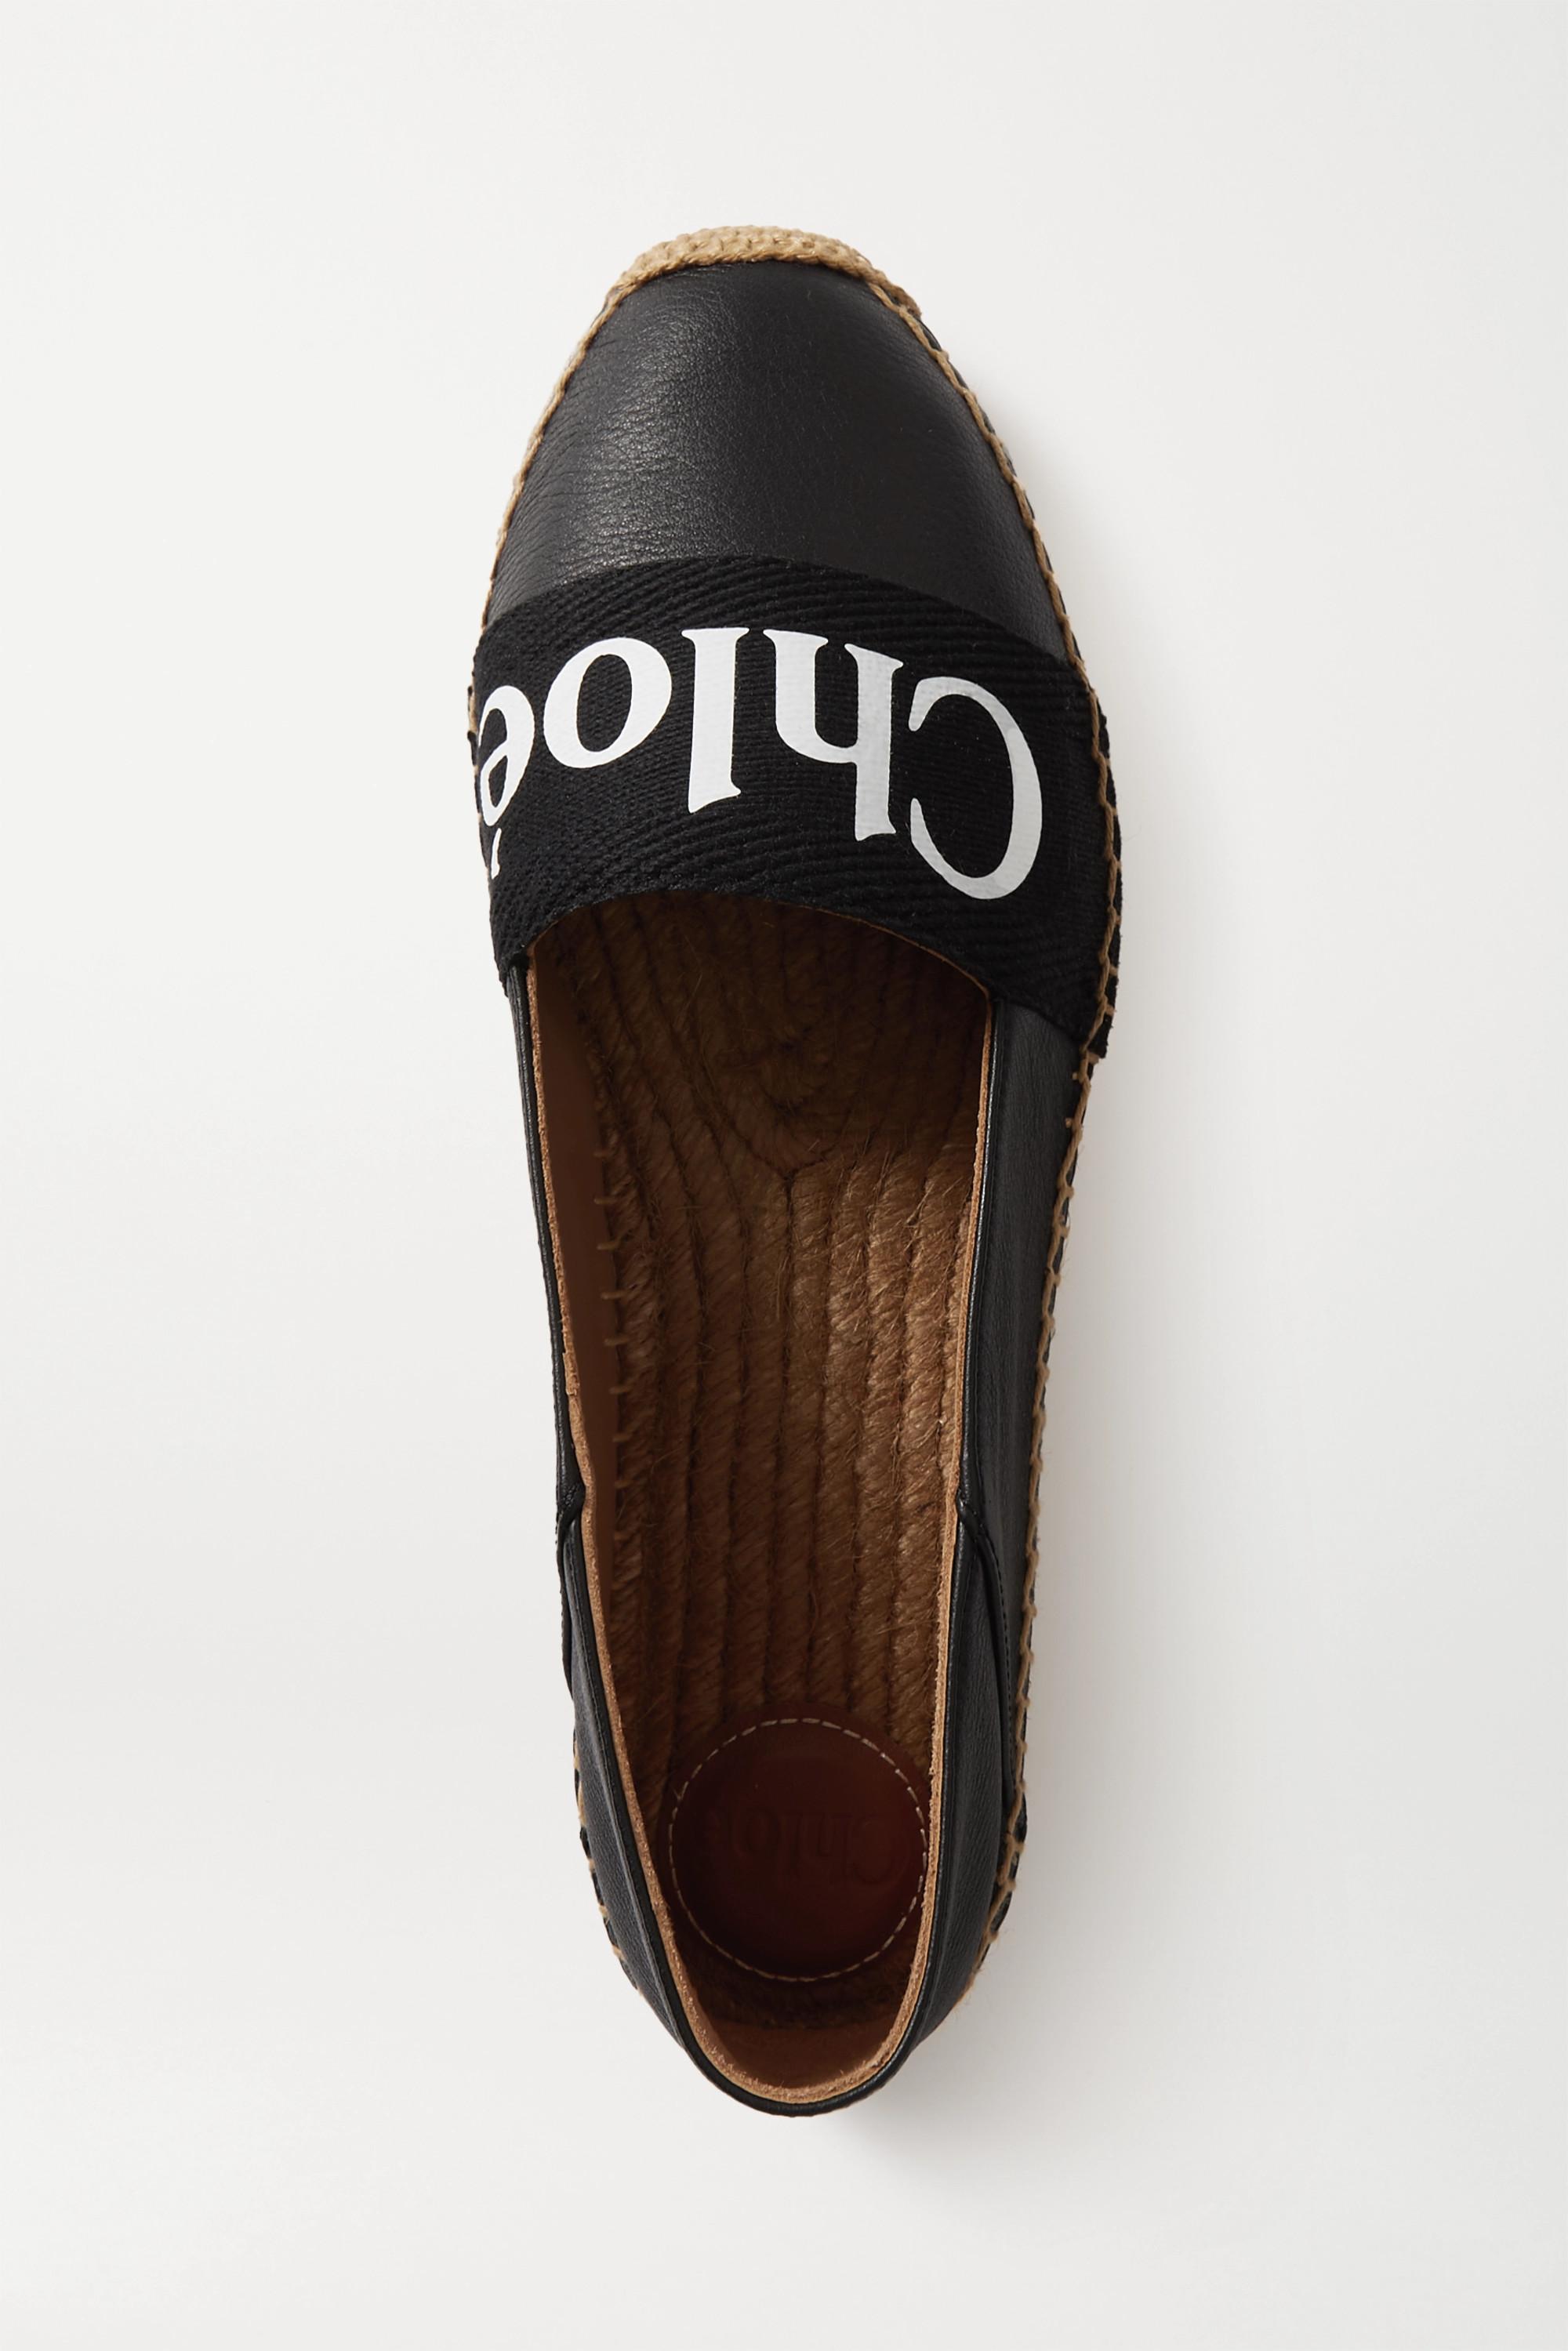 Chloé Chaussures plates façon espadrilles en cuir et en toile de coton à logo Woody